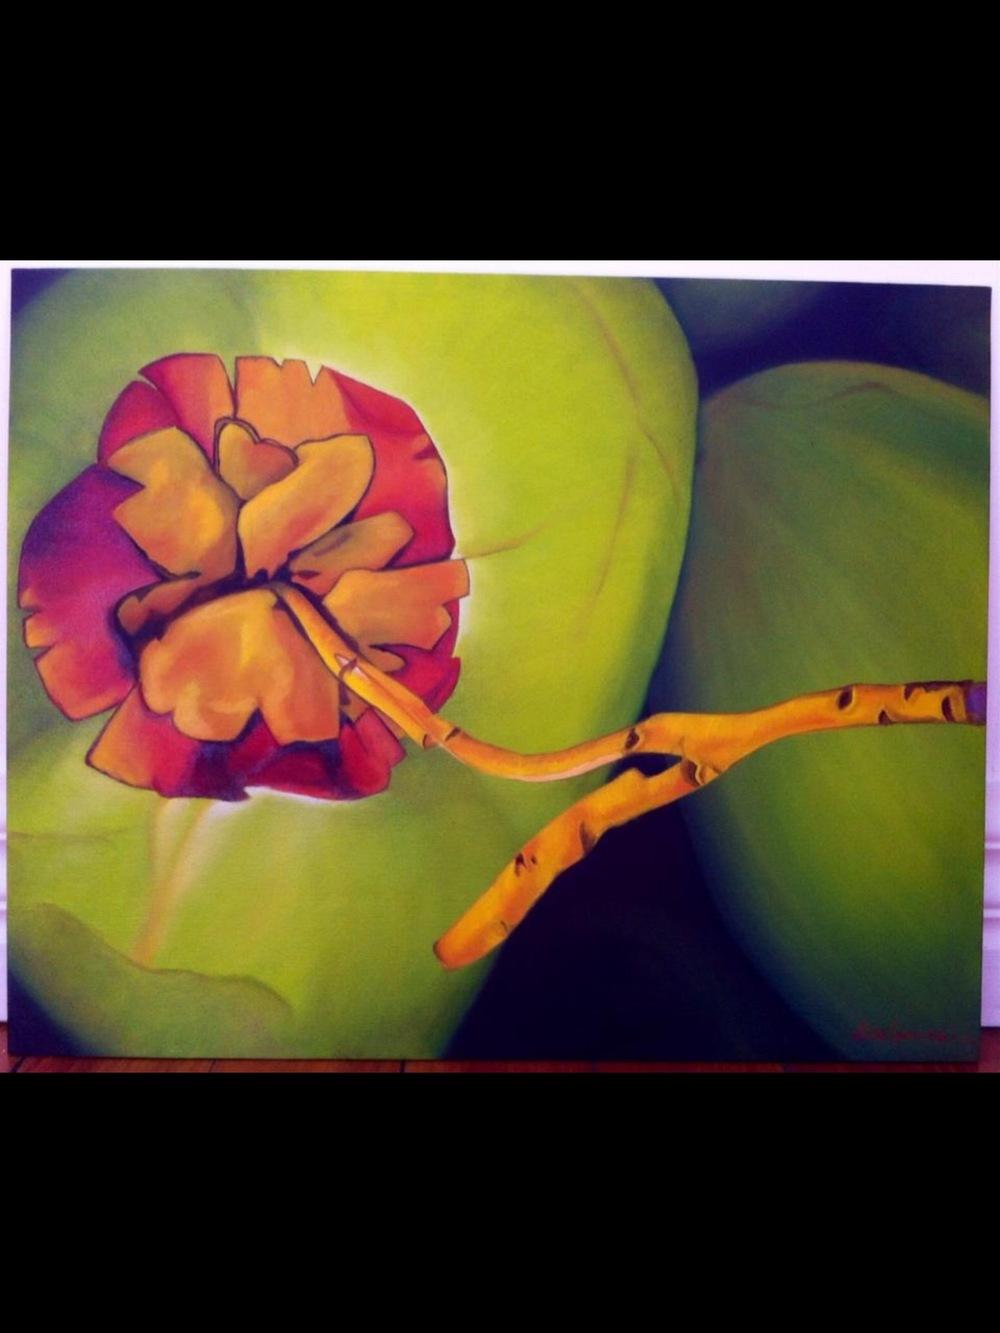 Bespoke Art by Liisa Garceau - Coconut Rose. Oil on canvas.